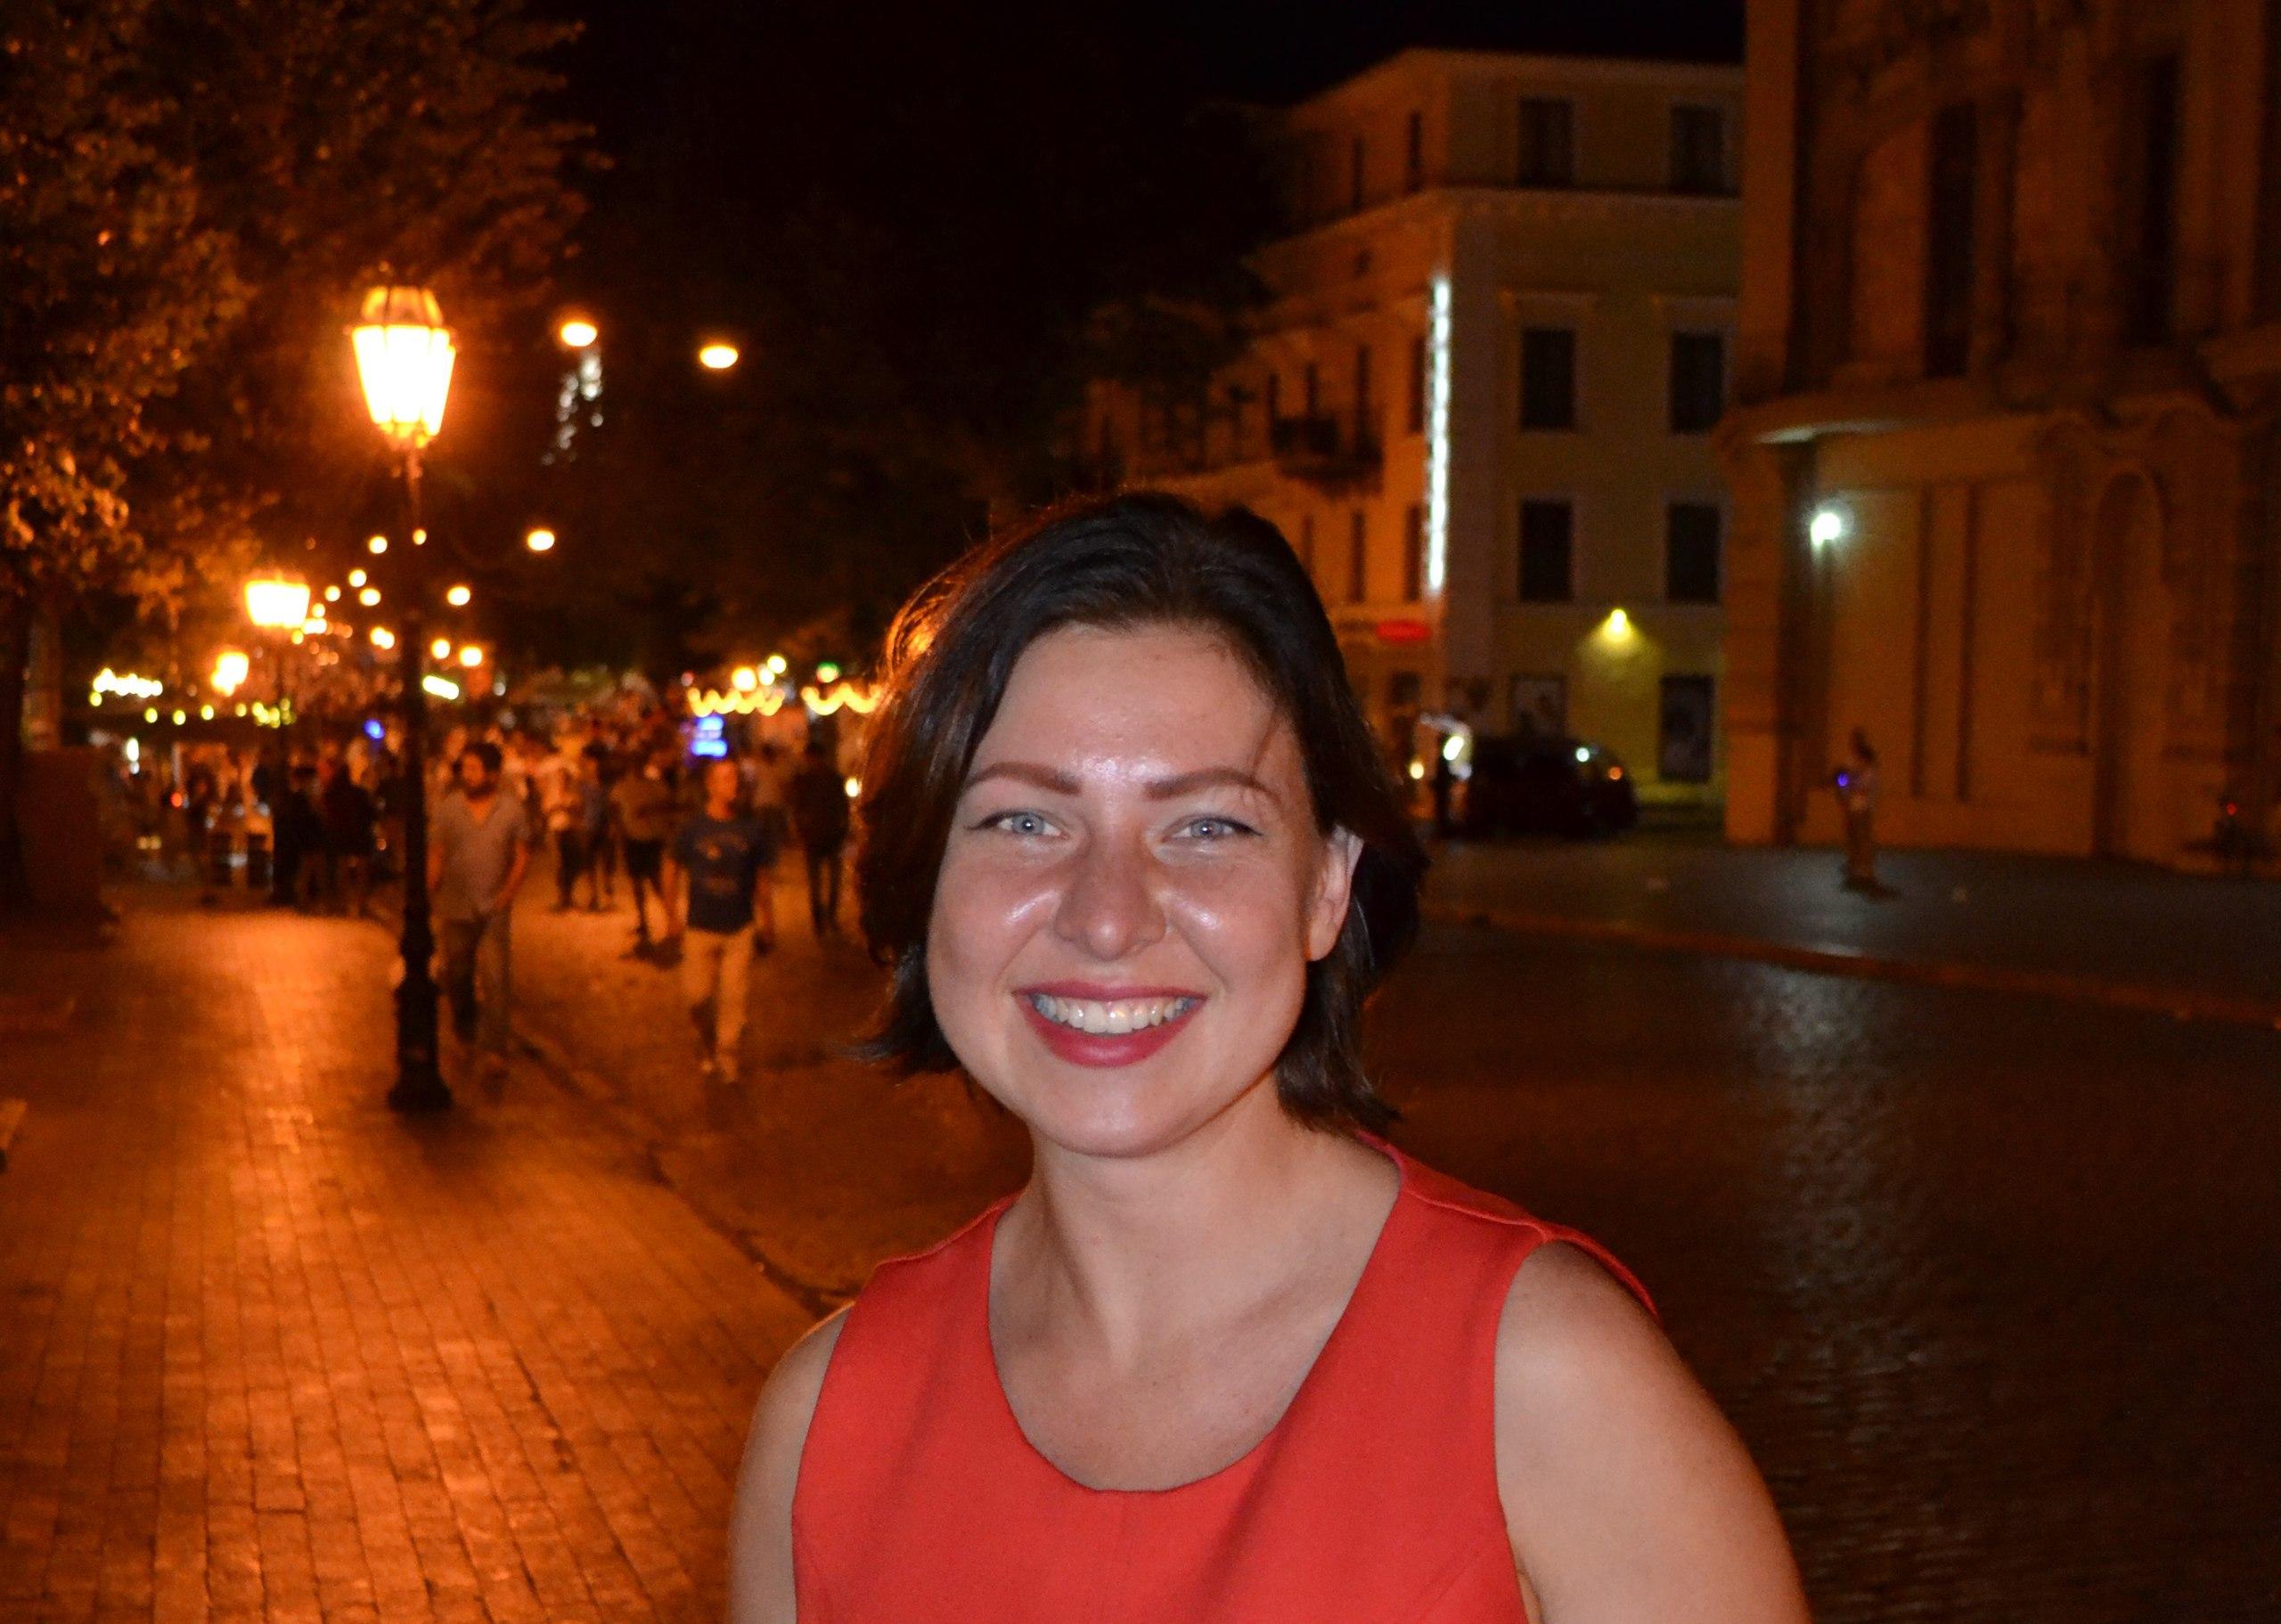 Елена Руденко (Валтея) Украина. Одесса. 17-21 августа 2016 г. NaiYWWGKmjk